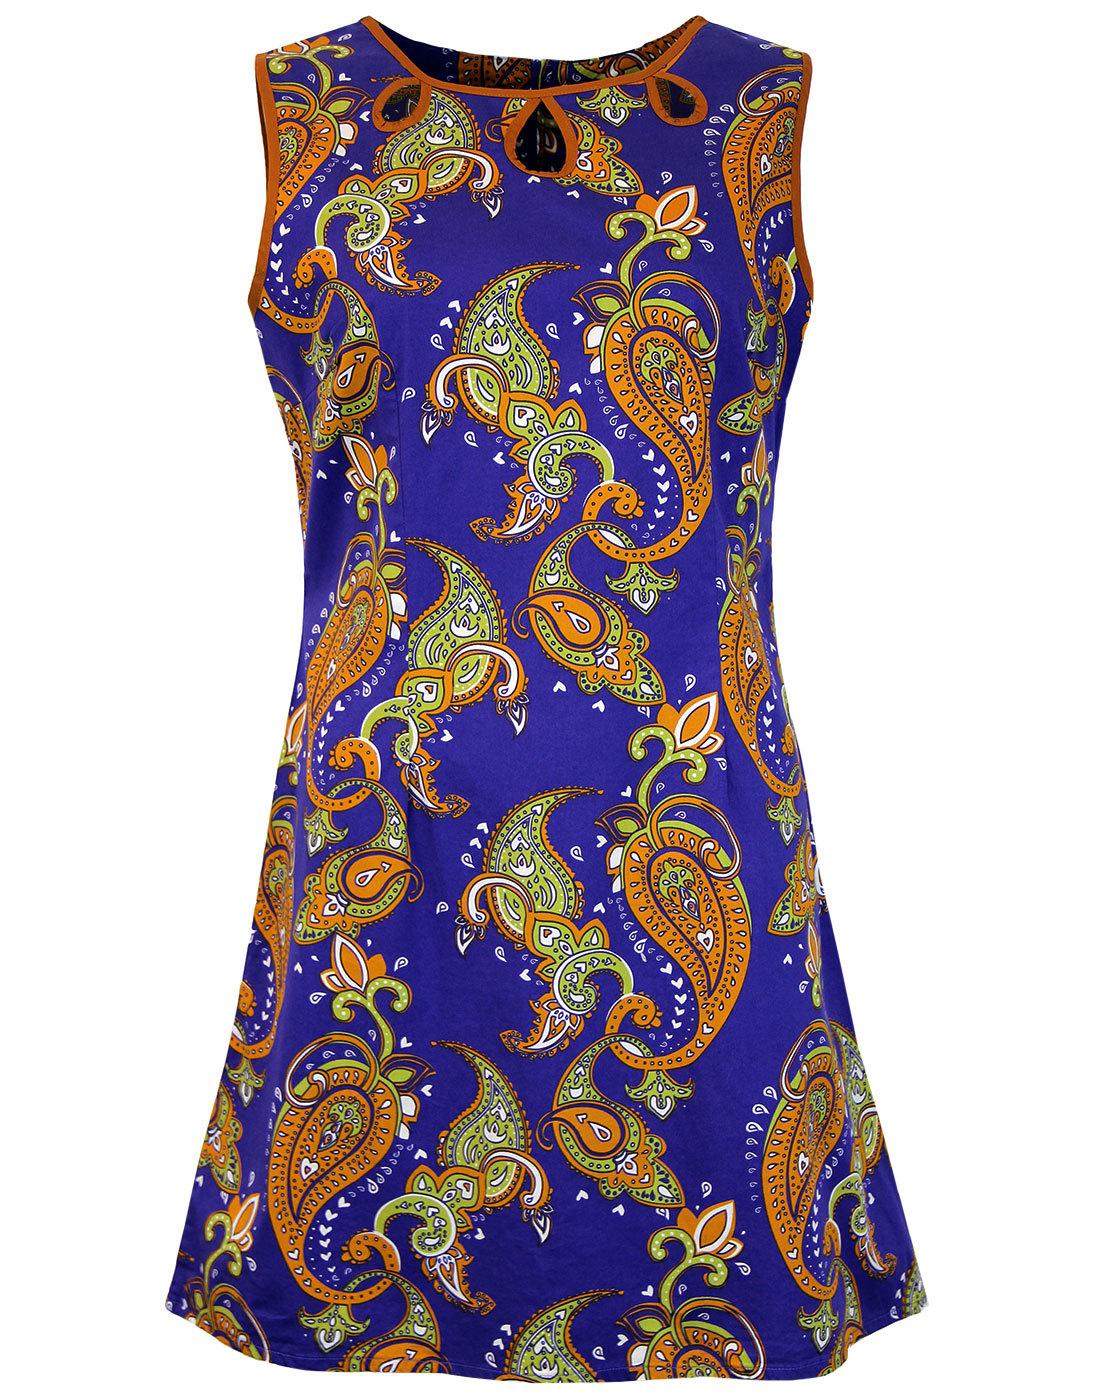 Lazy Daisy Psychedelic MADCAP ENGLAND Mod Dress